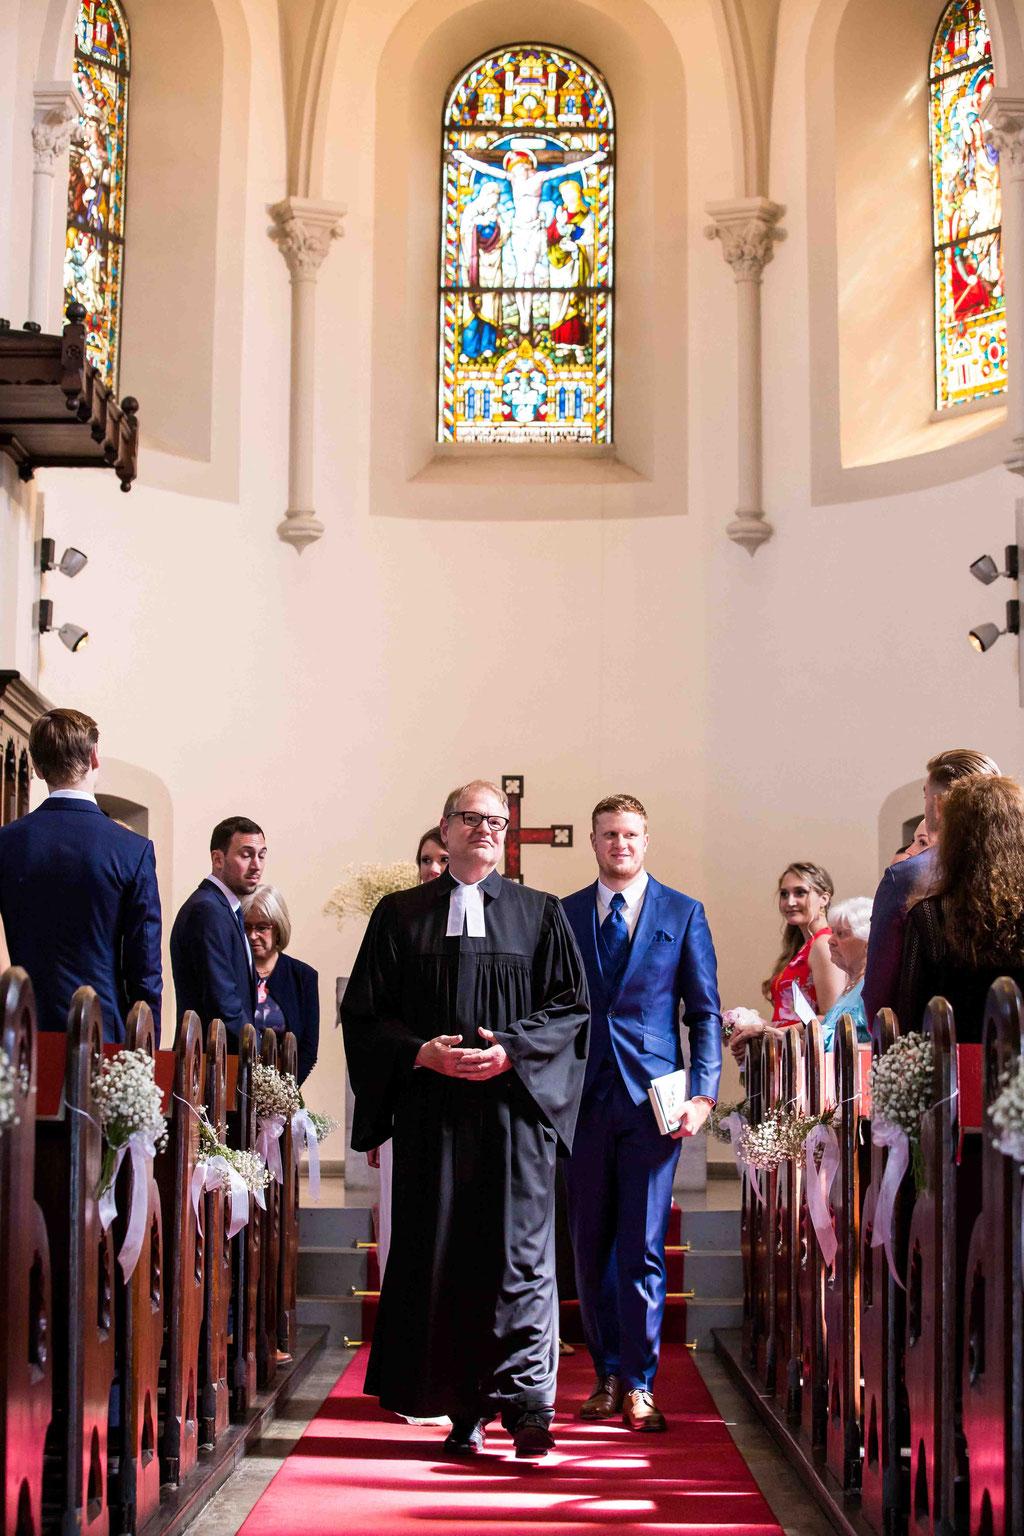 Ausgang aus der Kirche, Hochzeit, Hochzeitsbilder der Familie